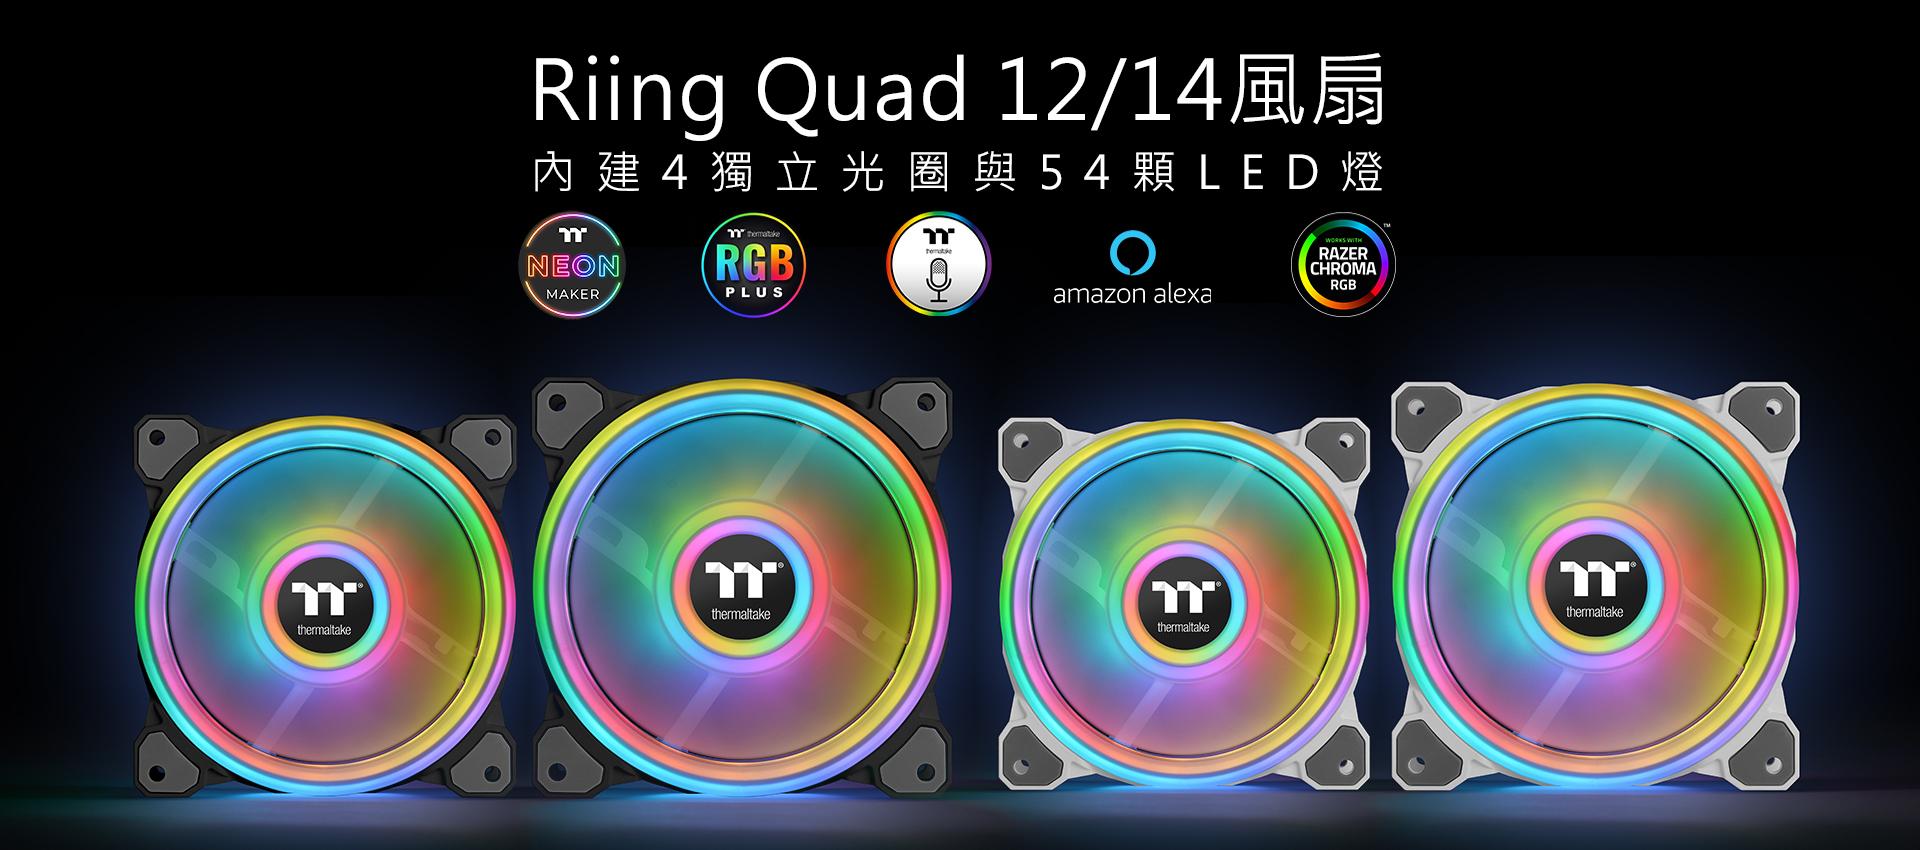 Riing Quad